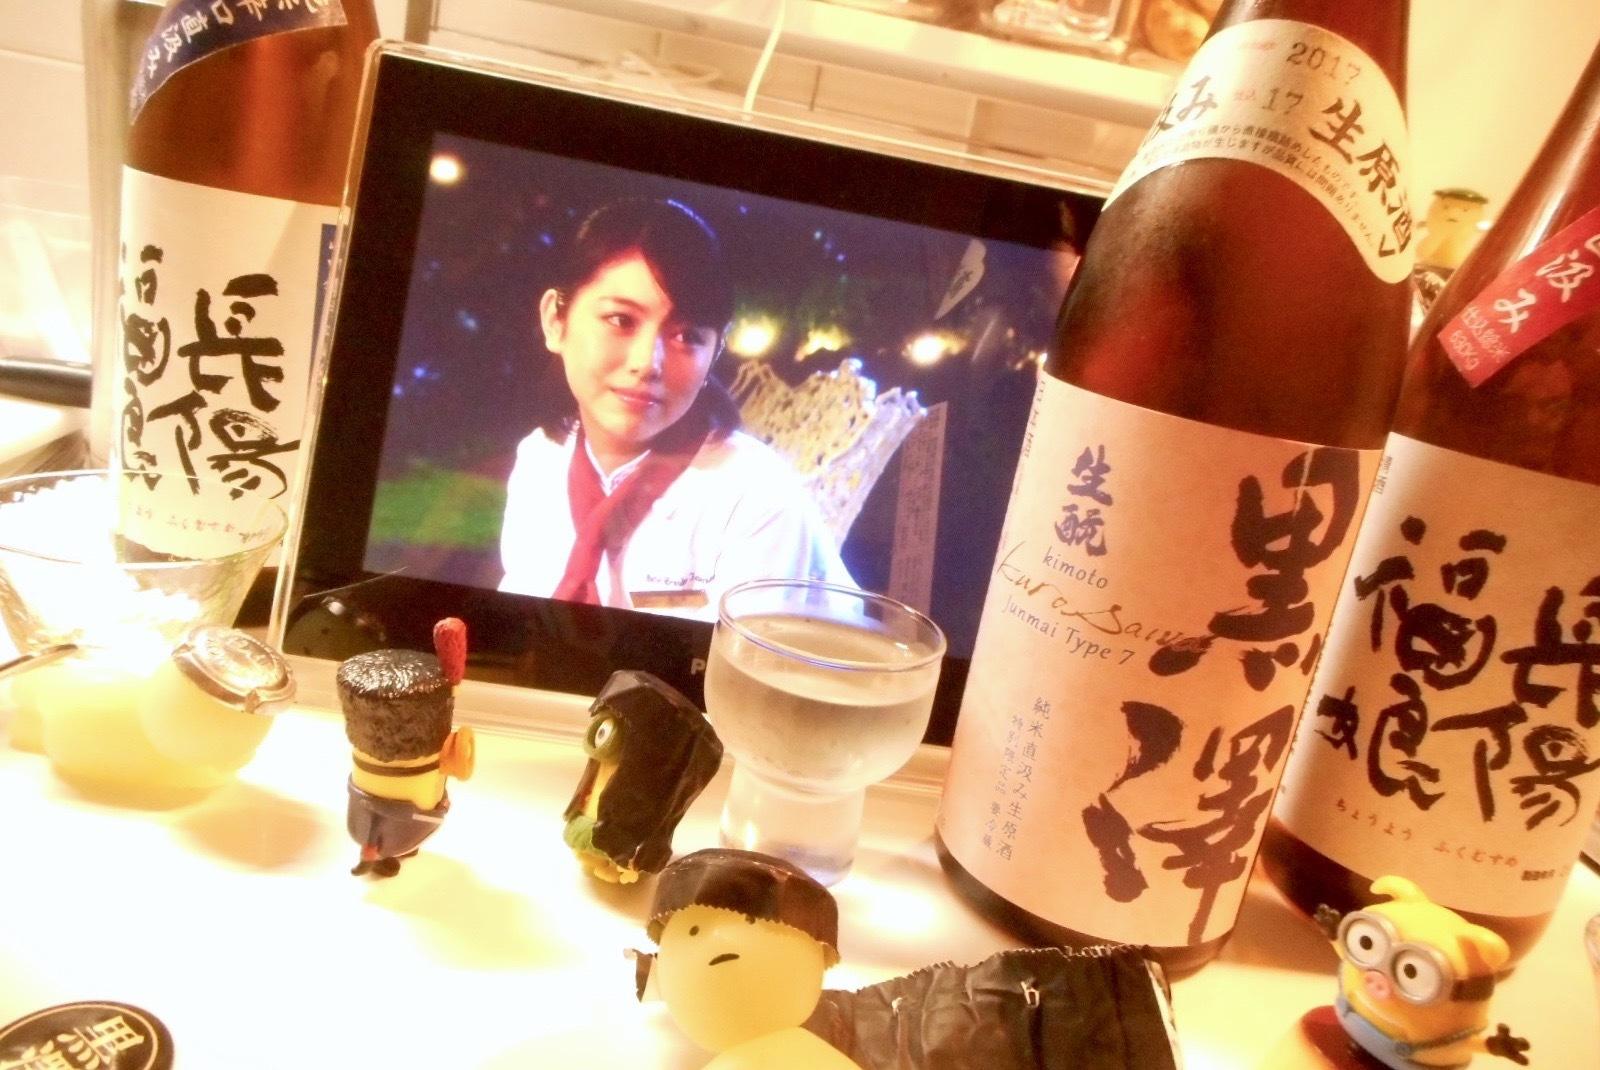 kurosawa_type7_2_29by5.jpg